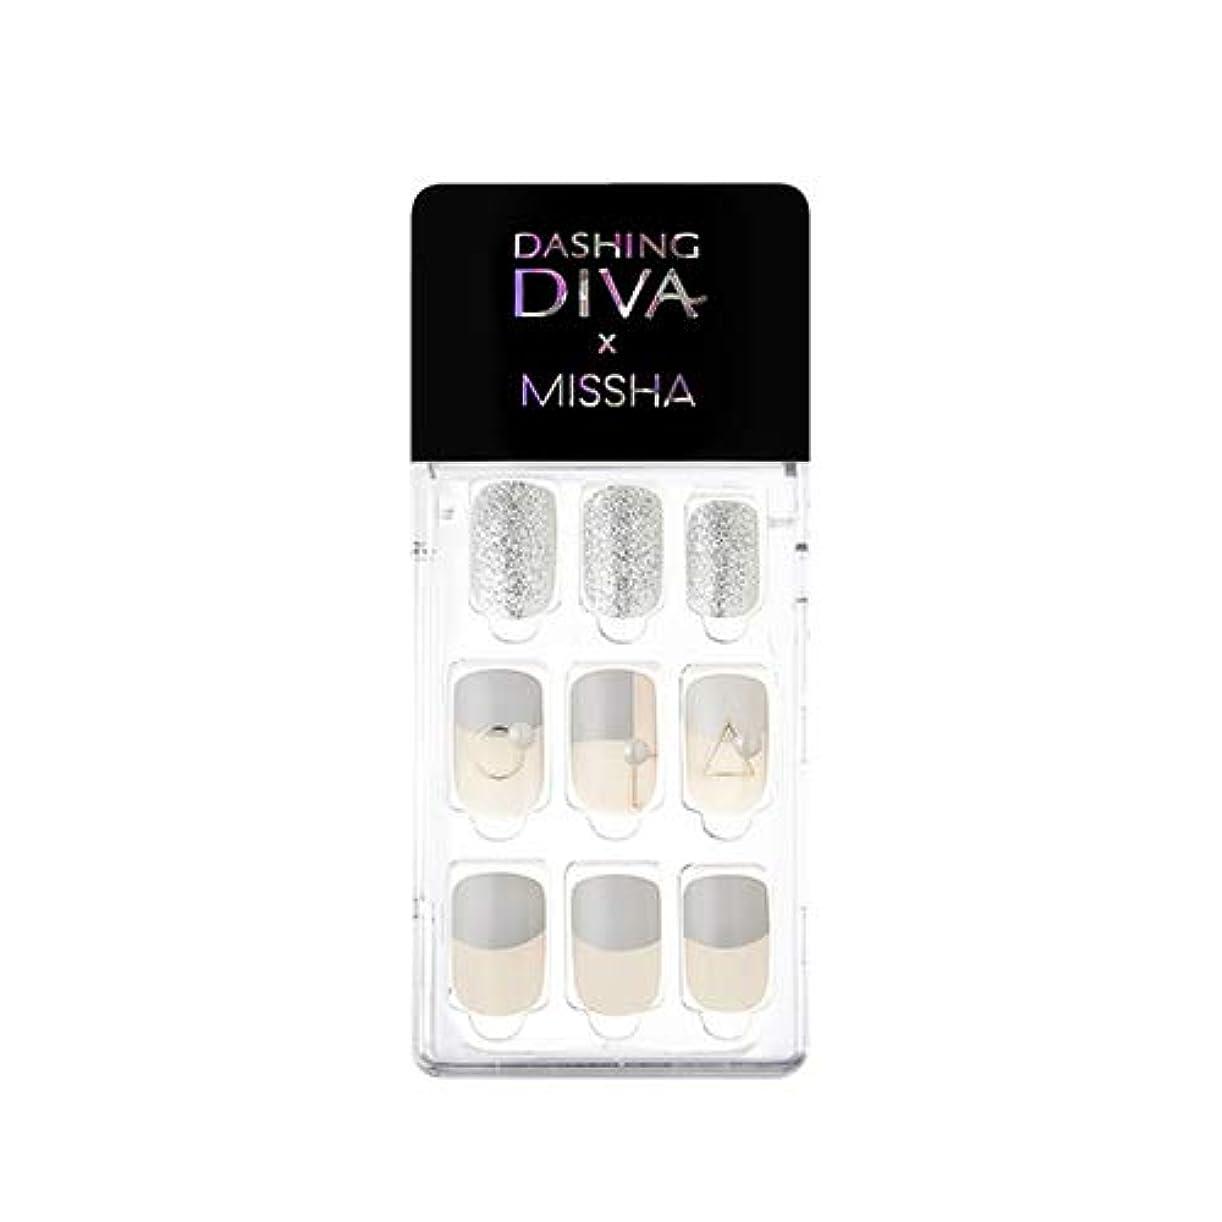 天使並外れてこれらミシャ ダッシングディバ マジックプレス スリム フィット MISSHA Dashing Diva Magic Press Slim Fit # MDR434